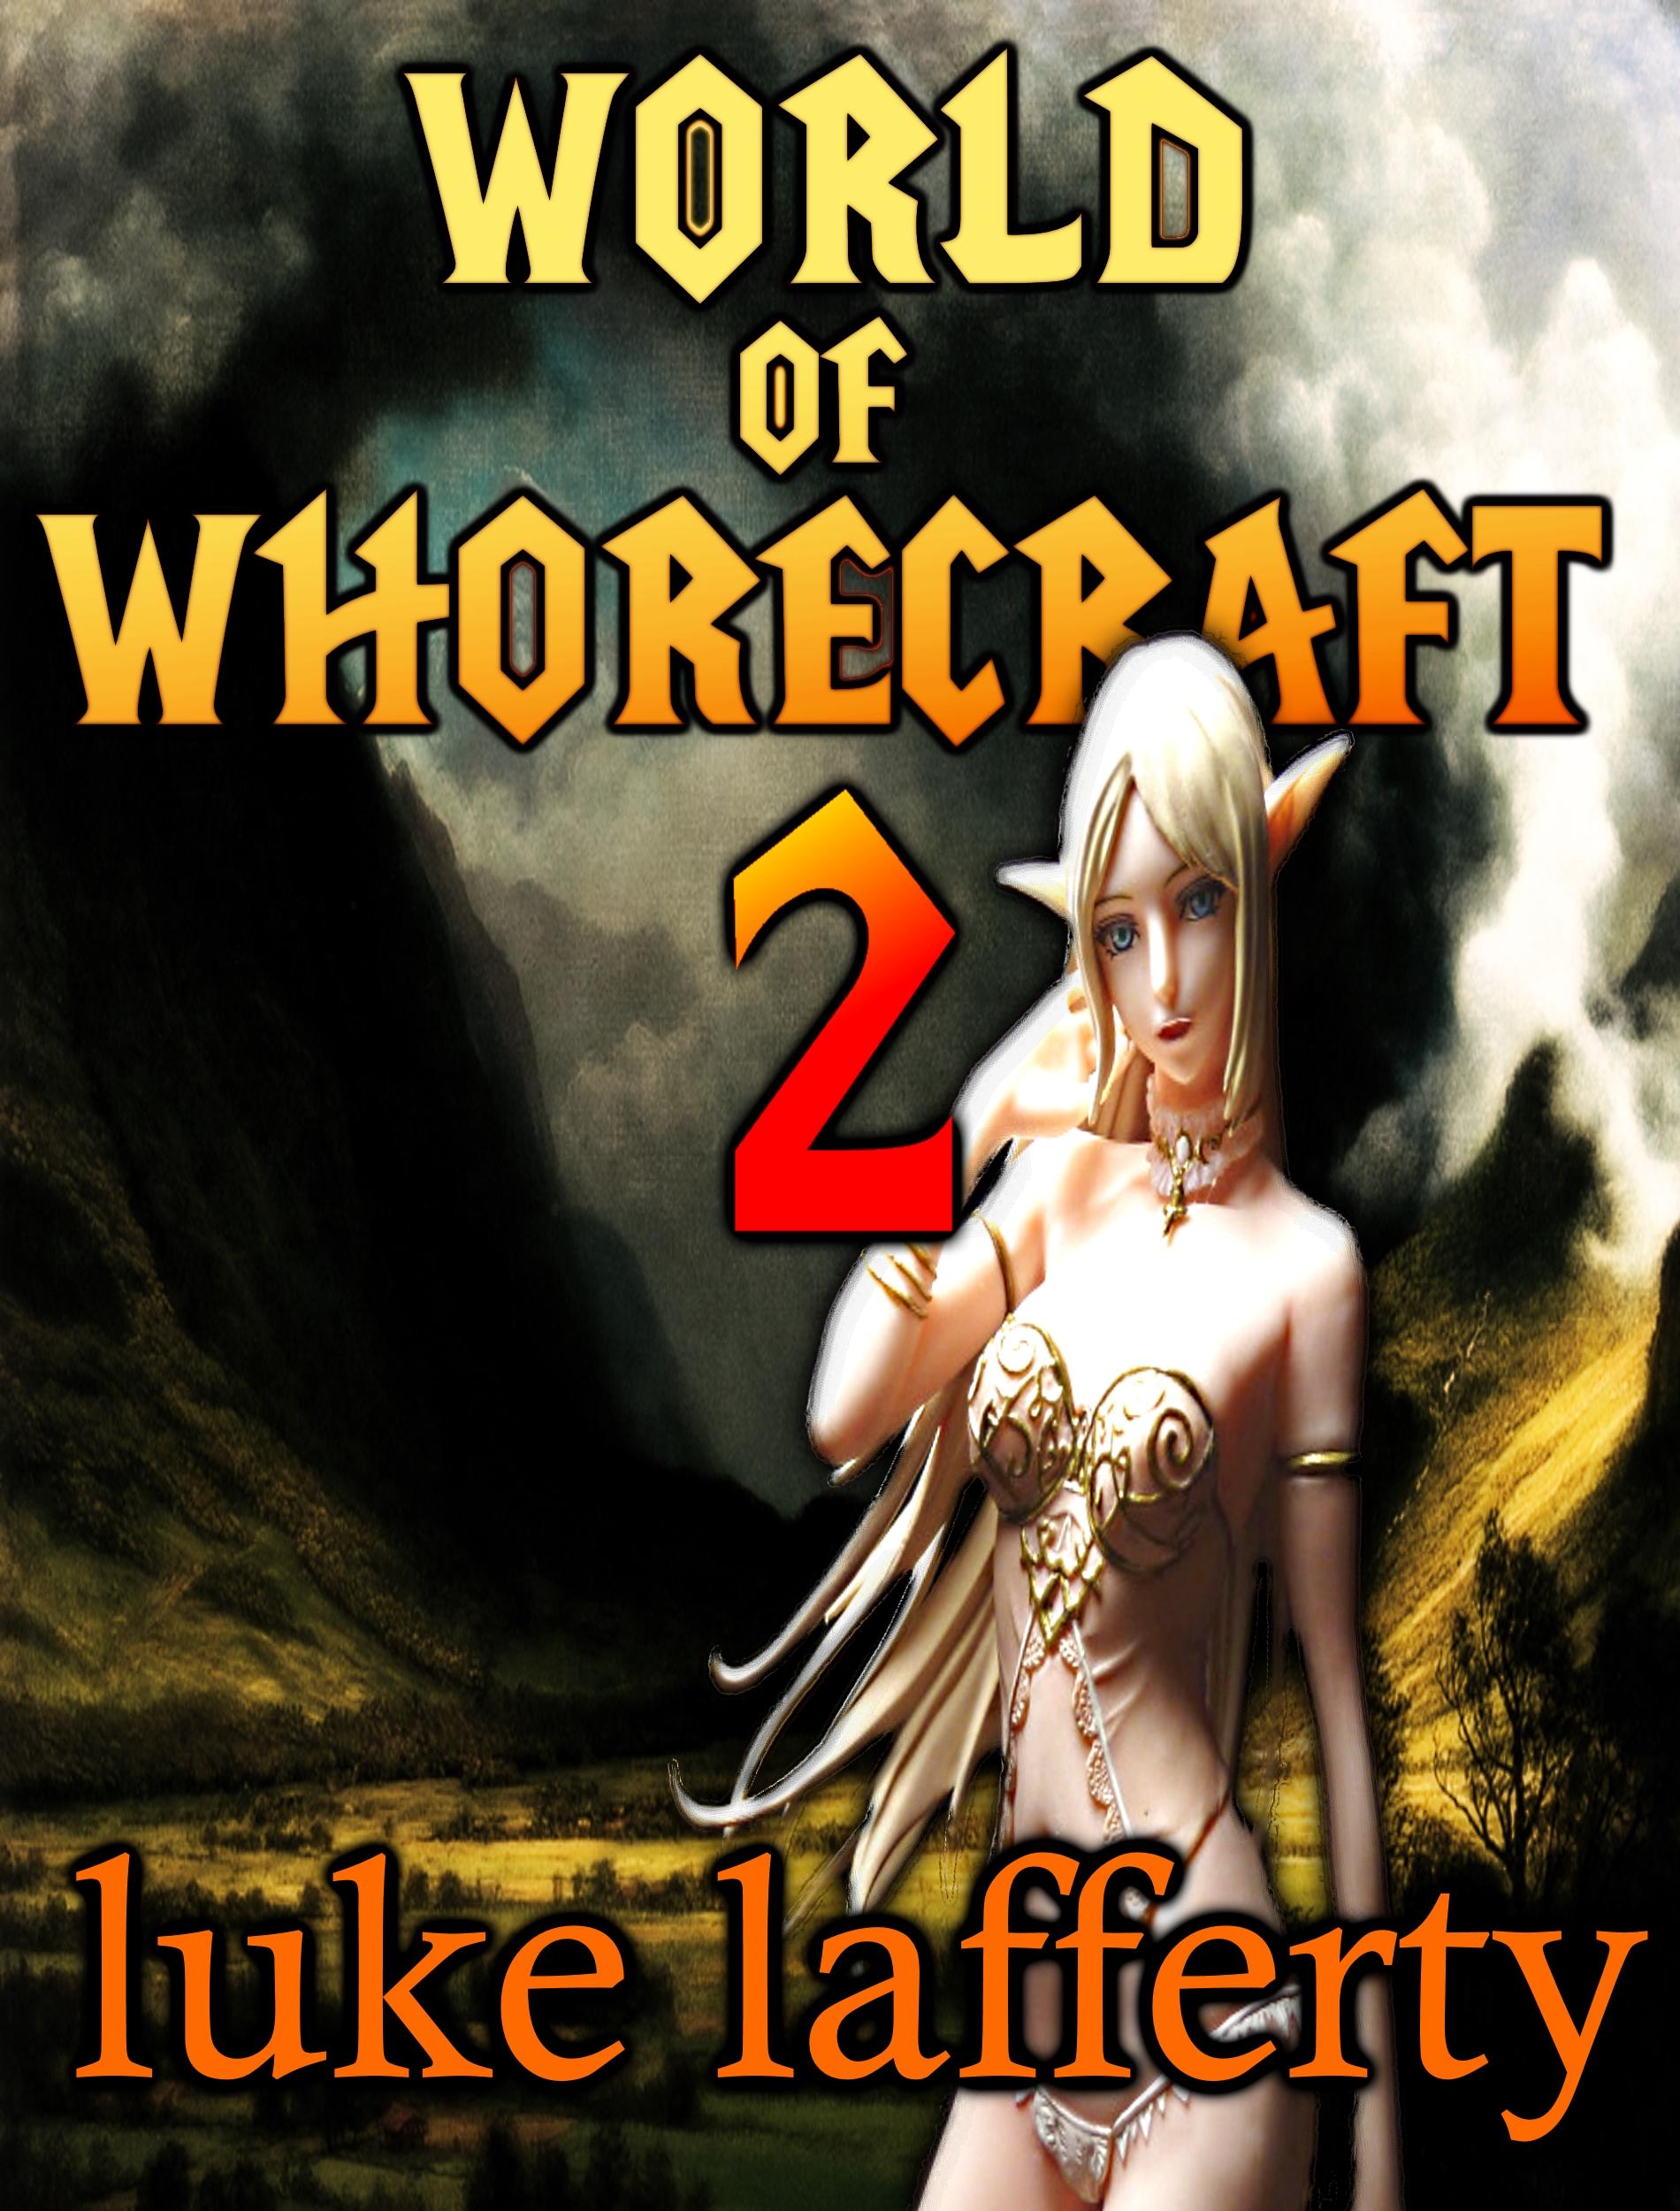 Whorecraft free videoes porncraft videos